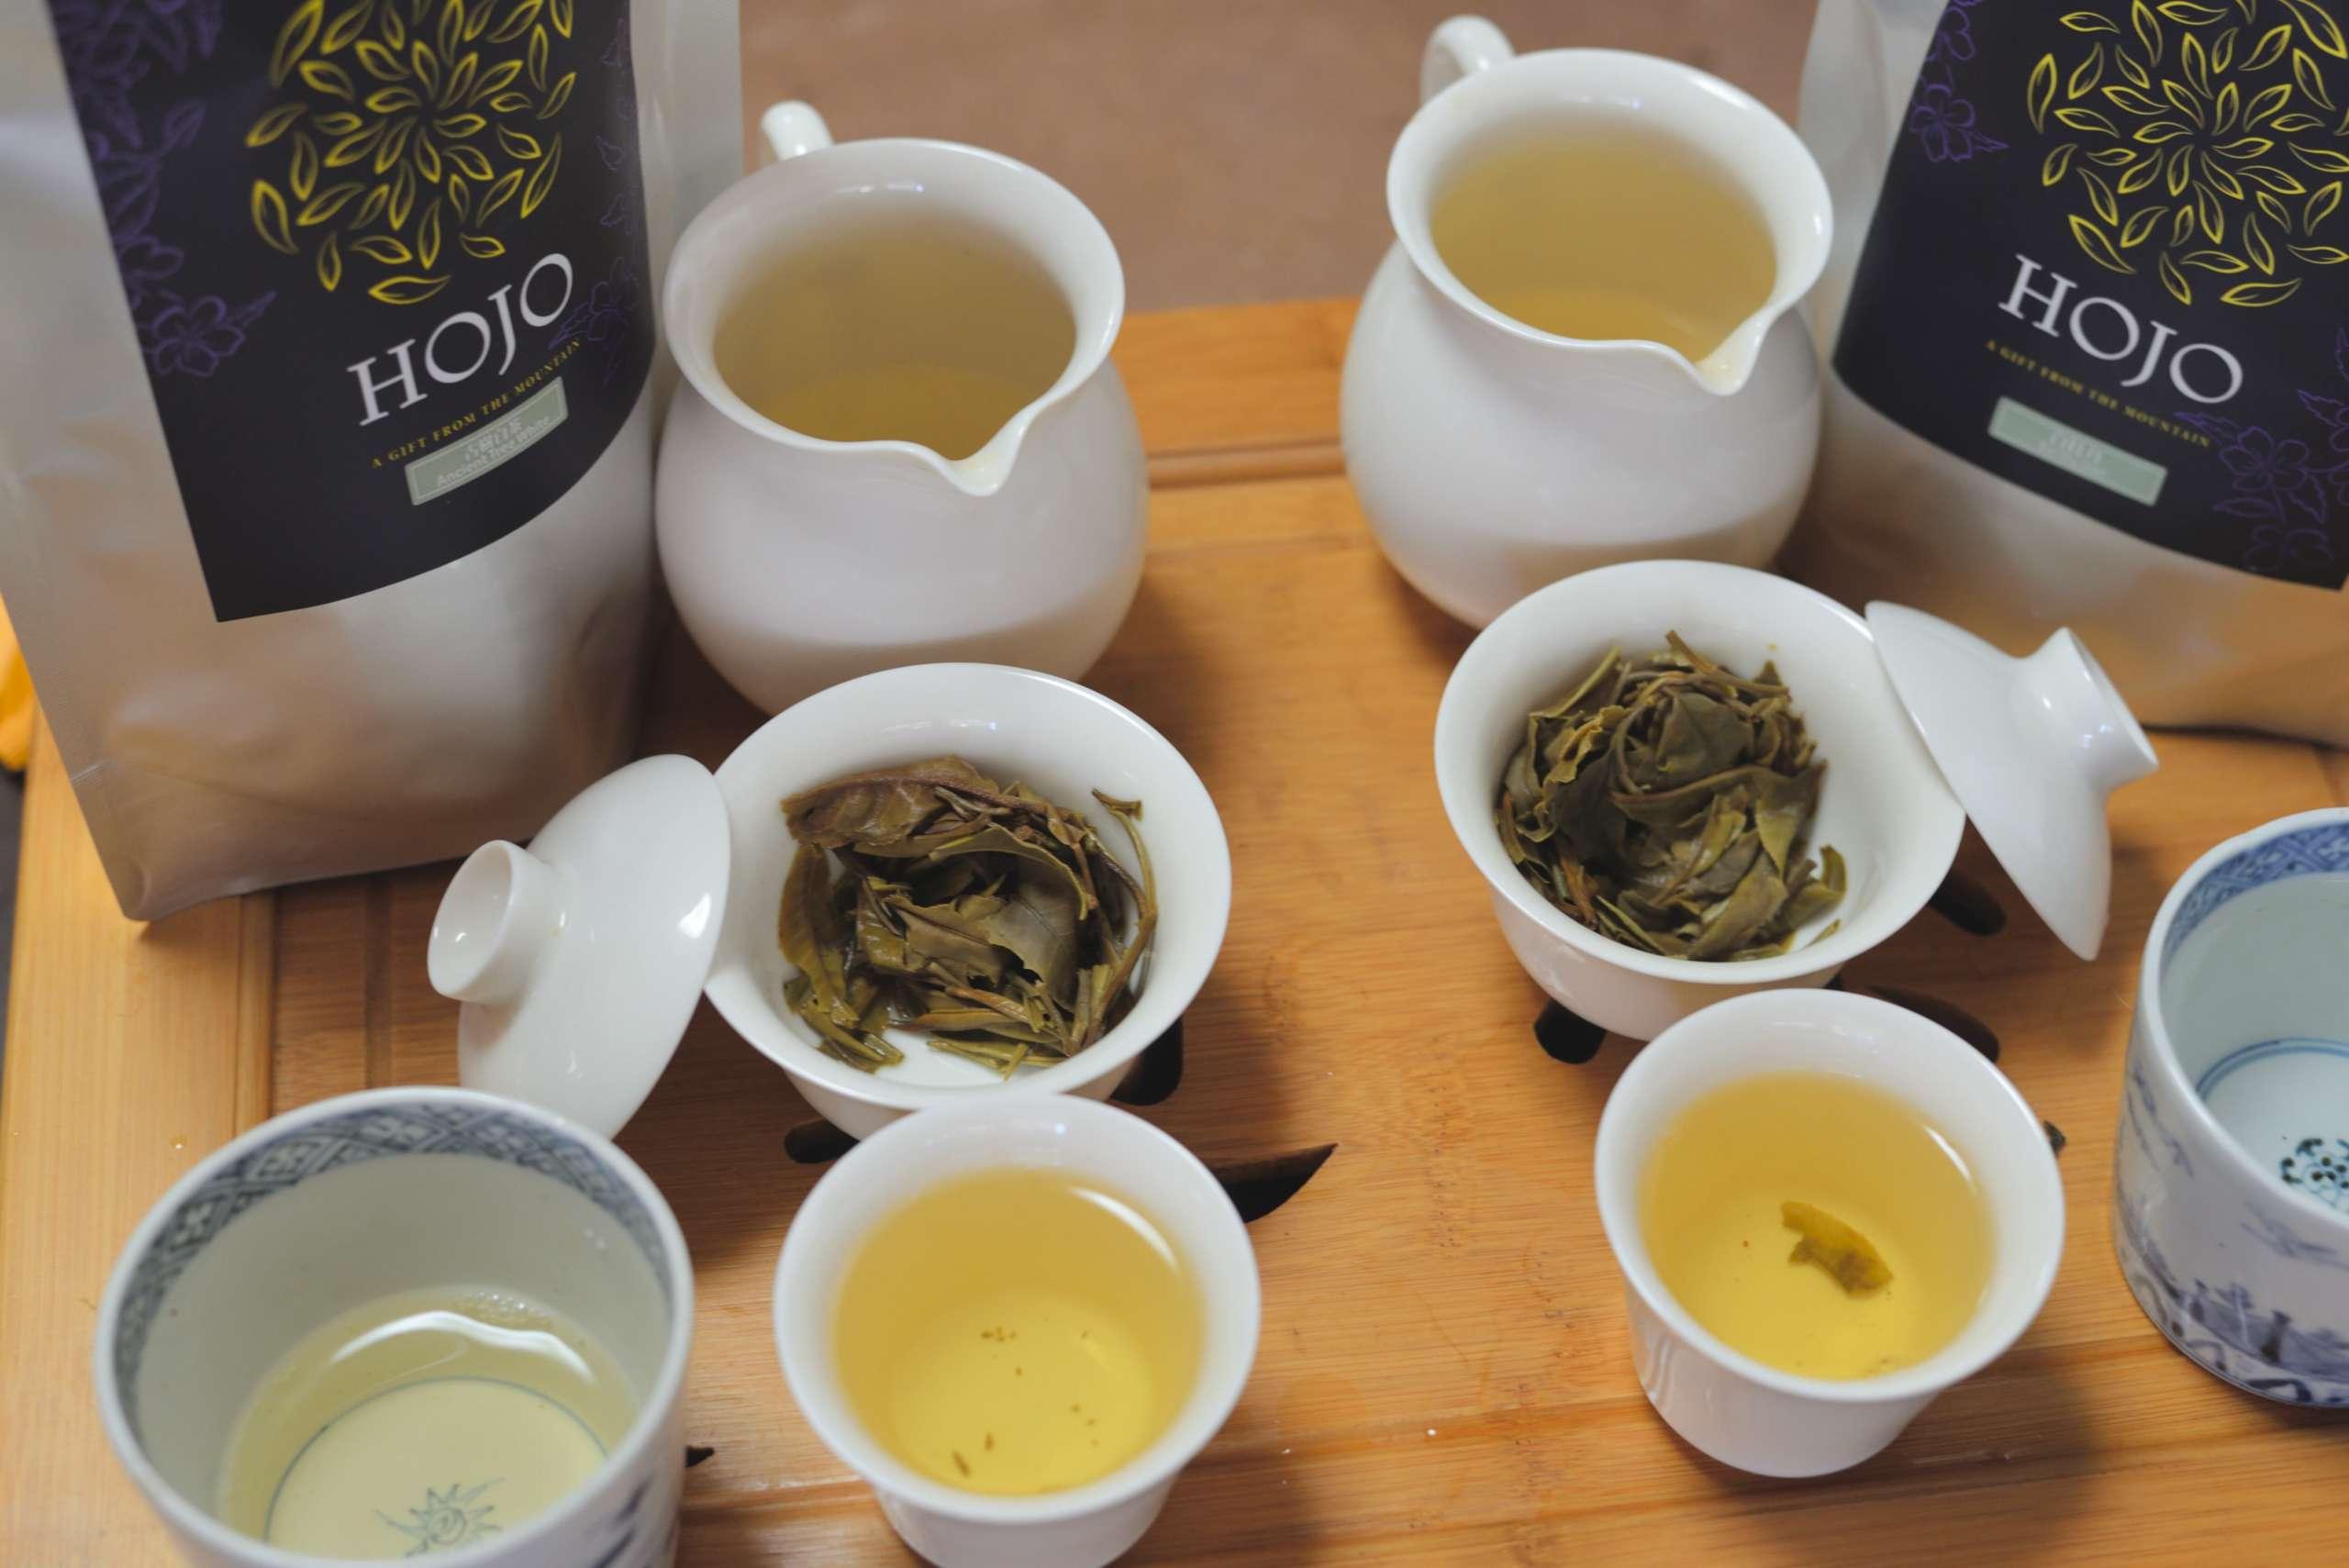 雲南省産の白茶二種類を飲む